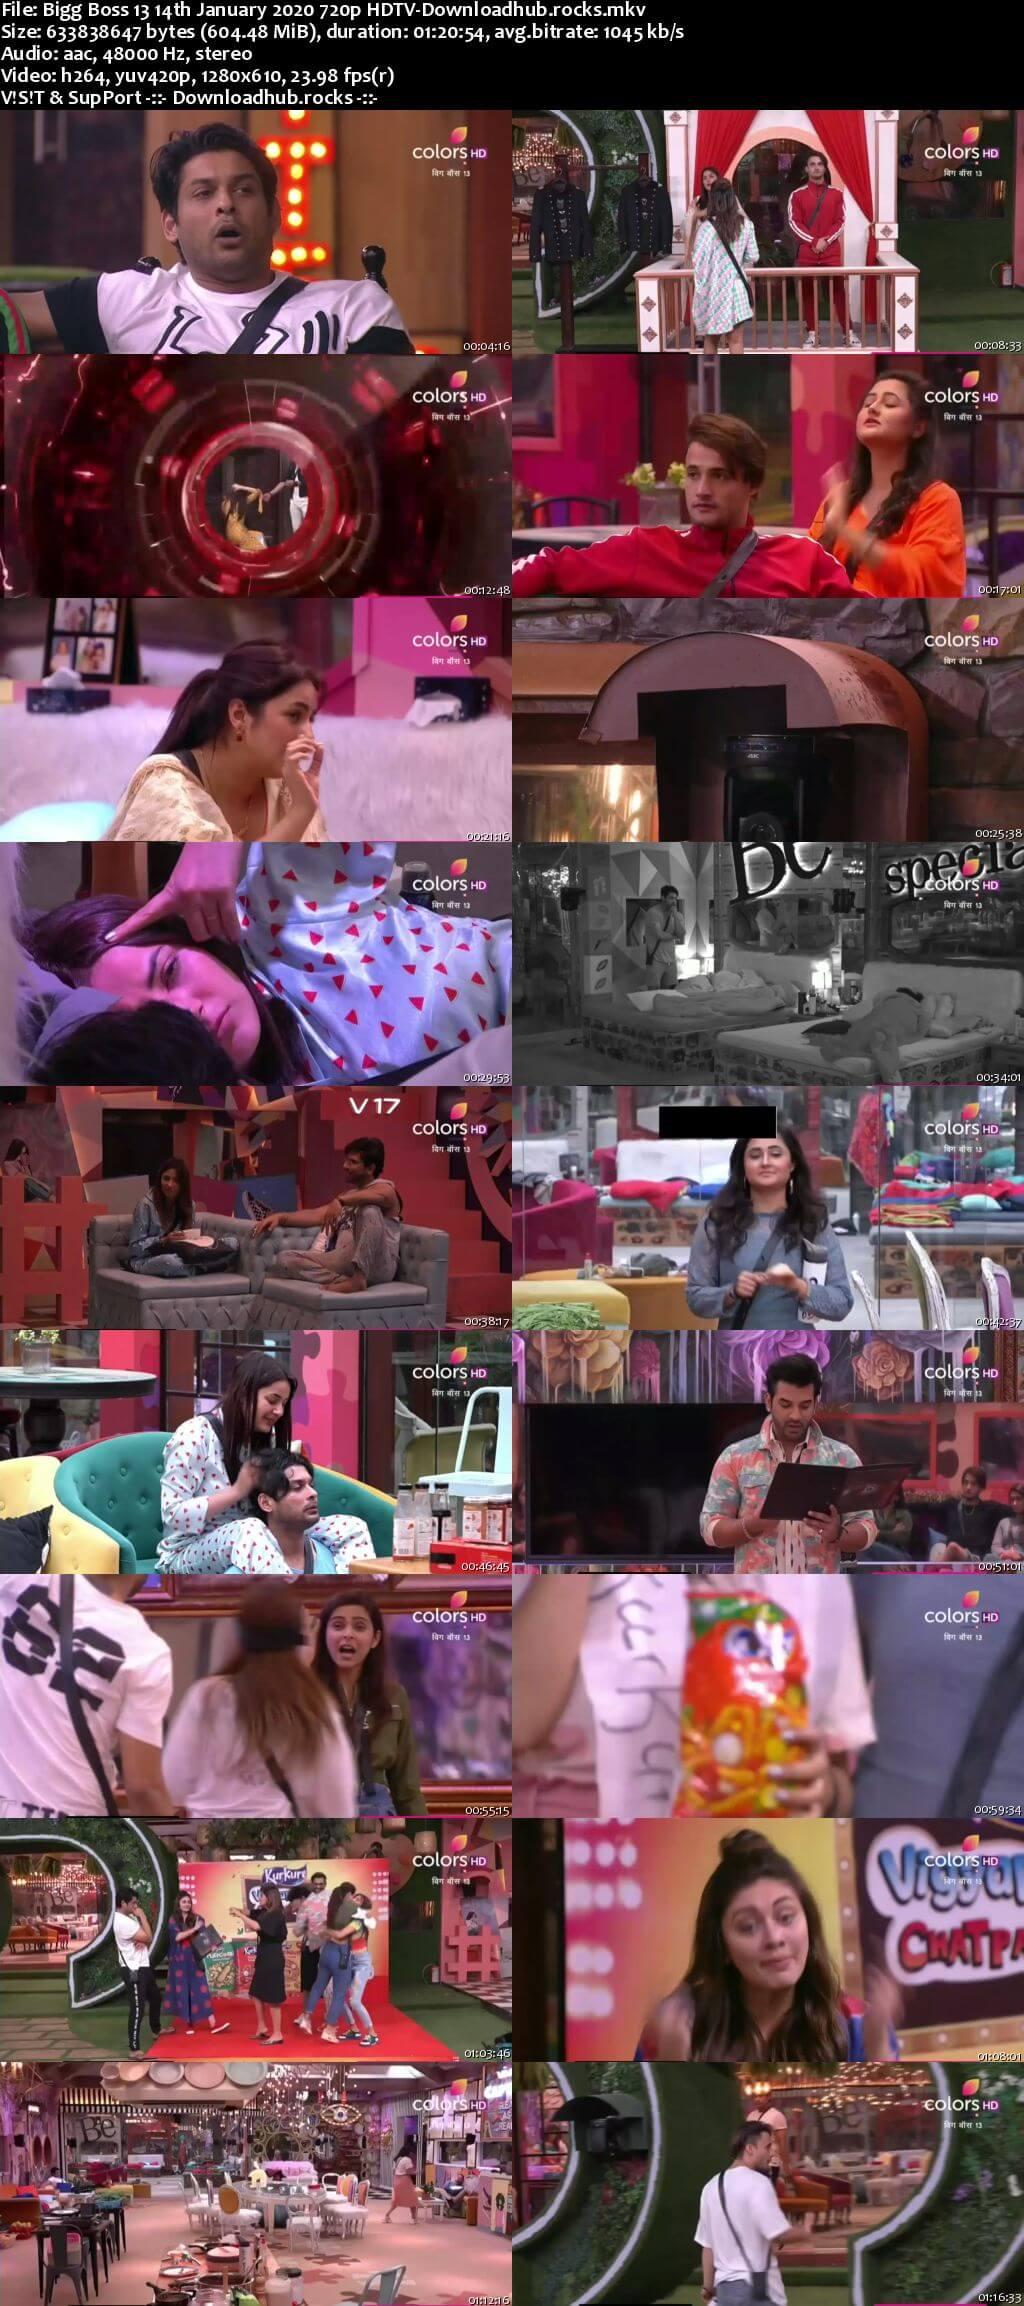 Bigg Boss 13 14 January 2020 Episode 106 HDTV 720p 480p